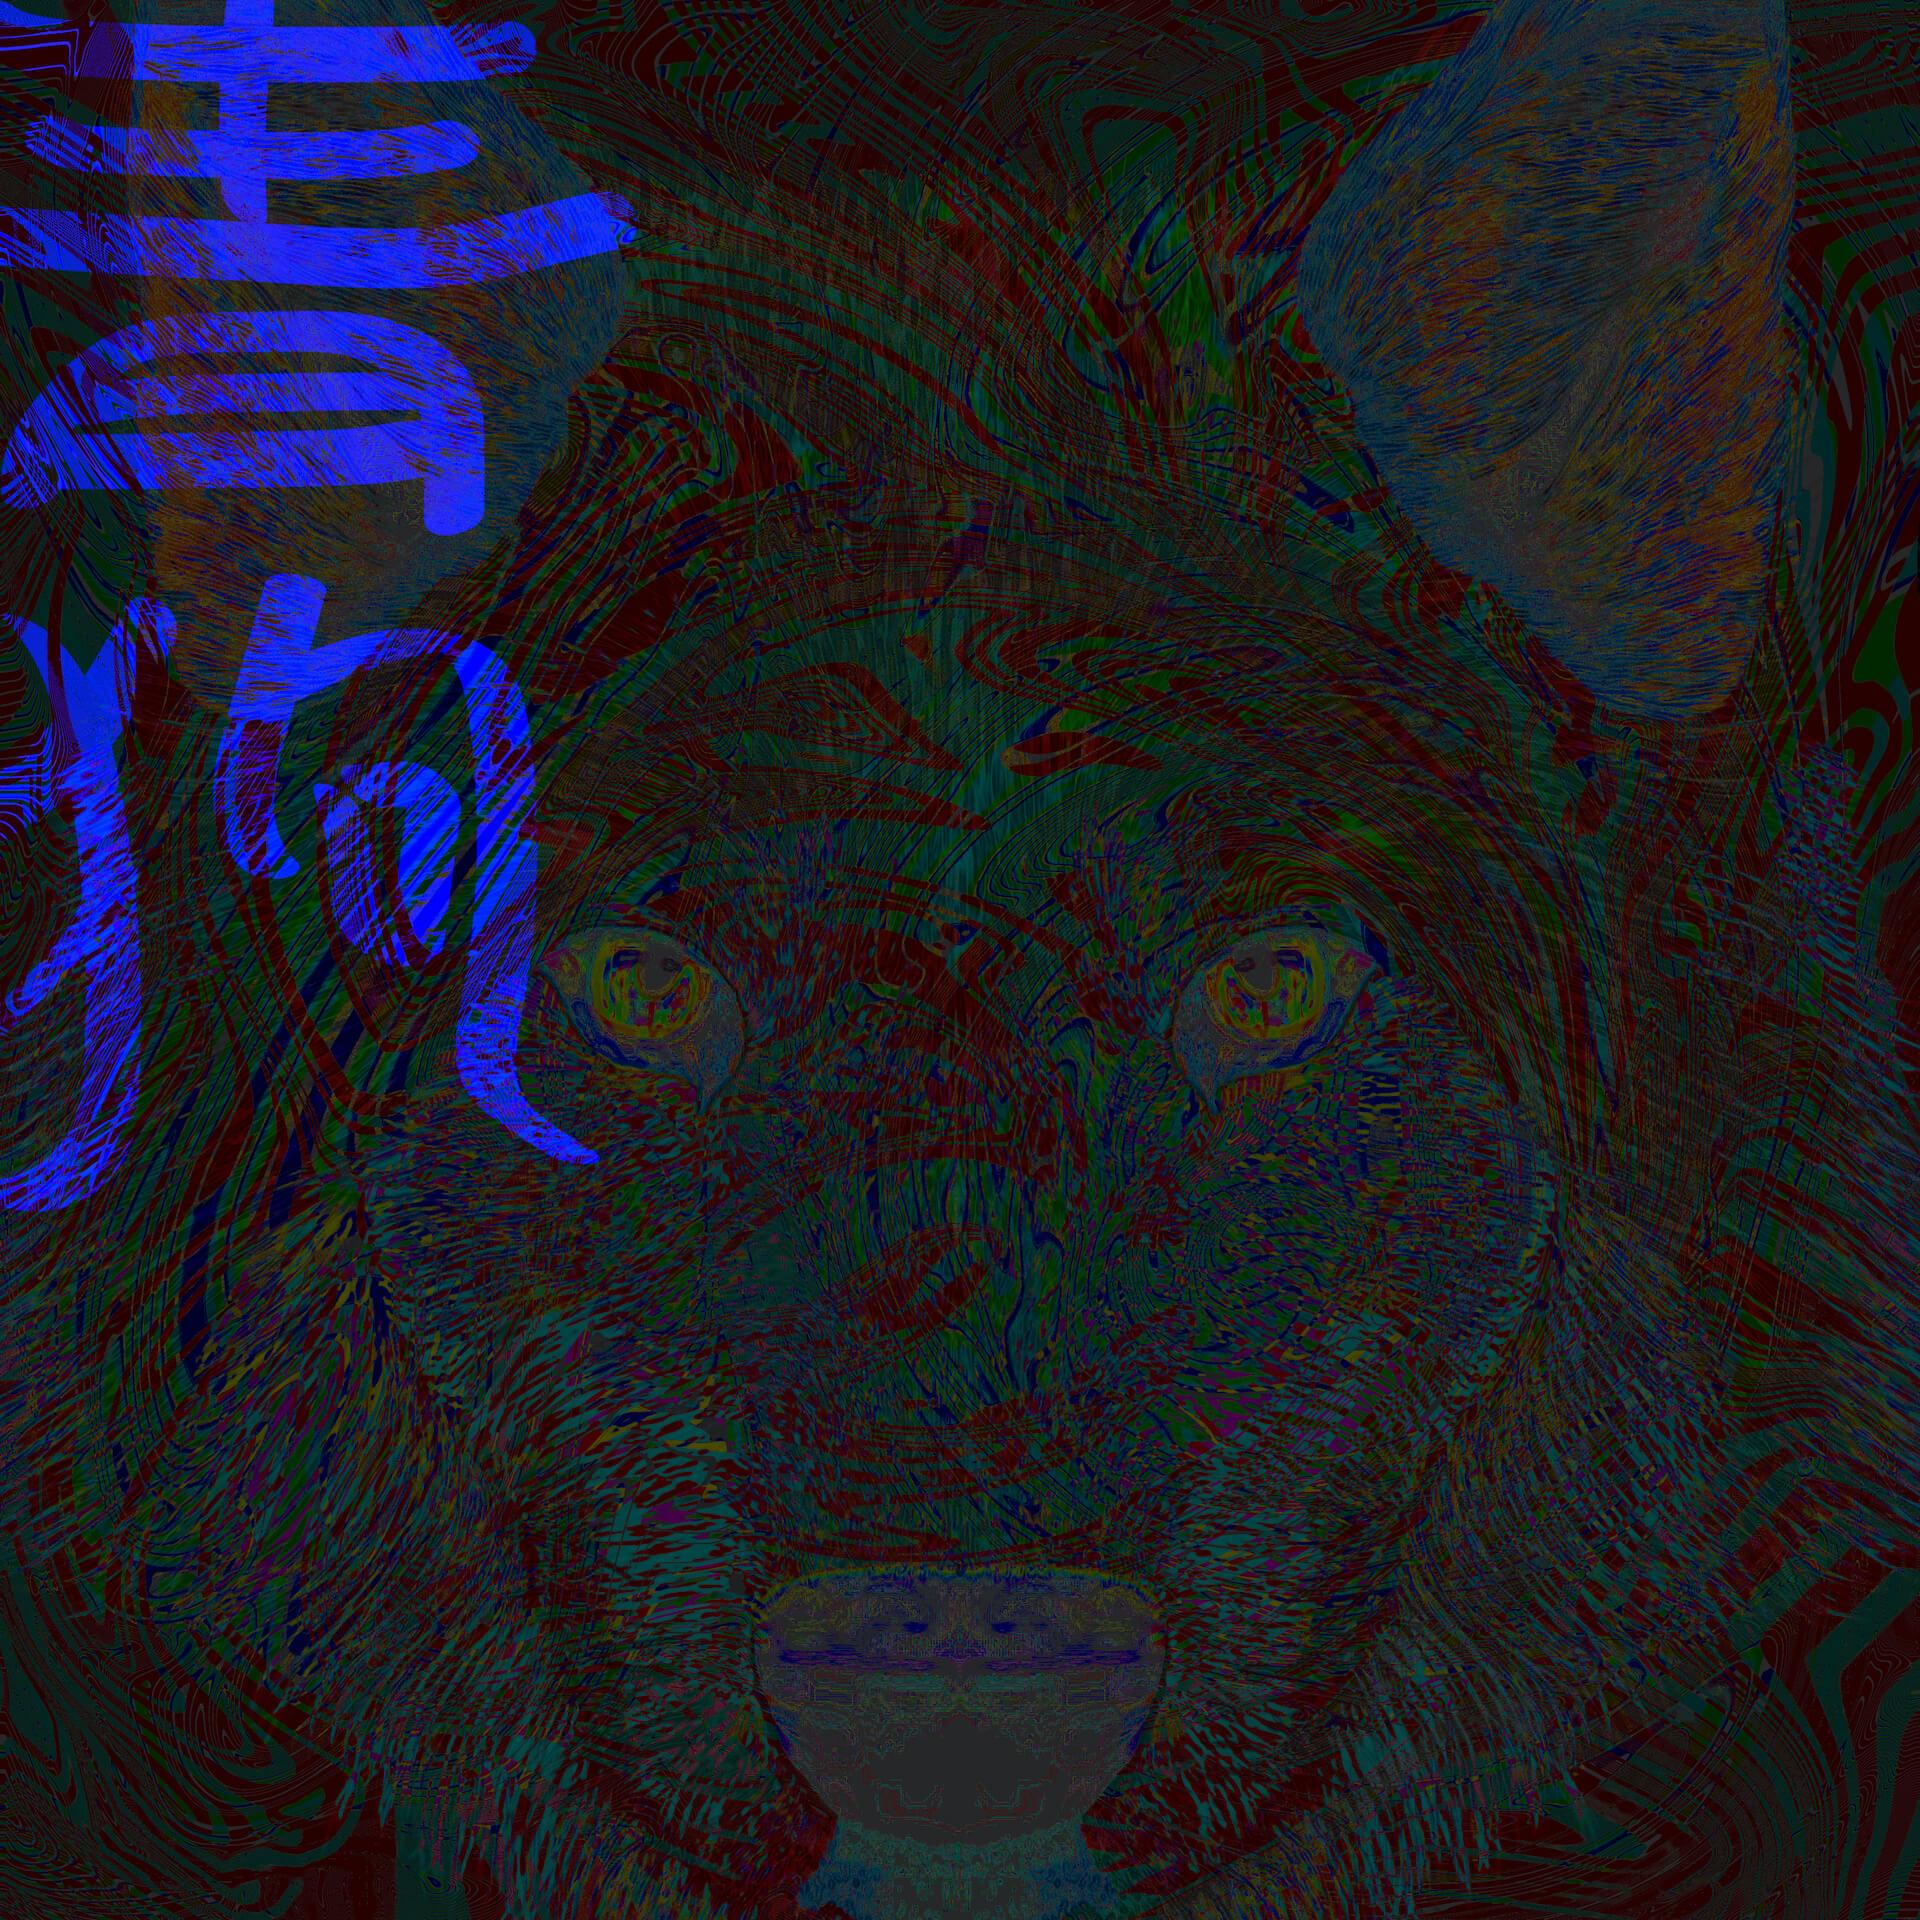 トラックメイカー・Xamdがソロ初アルバム『青狗』をリリース!収録4曲が先行配信 独占メールインタビューも music210118_Xamd-02